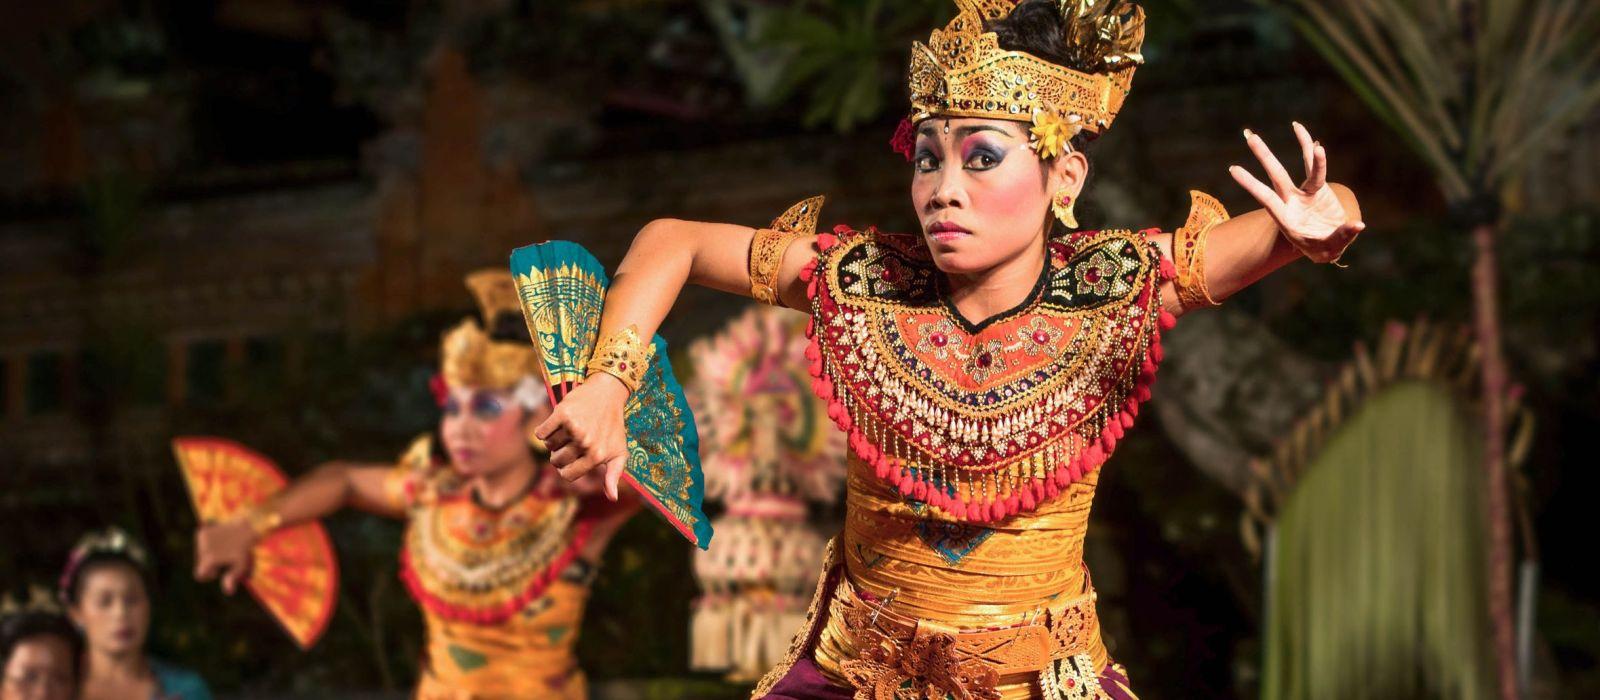 Landschafts- und Kulturerbe Indonesiens Urlaub 2